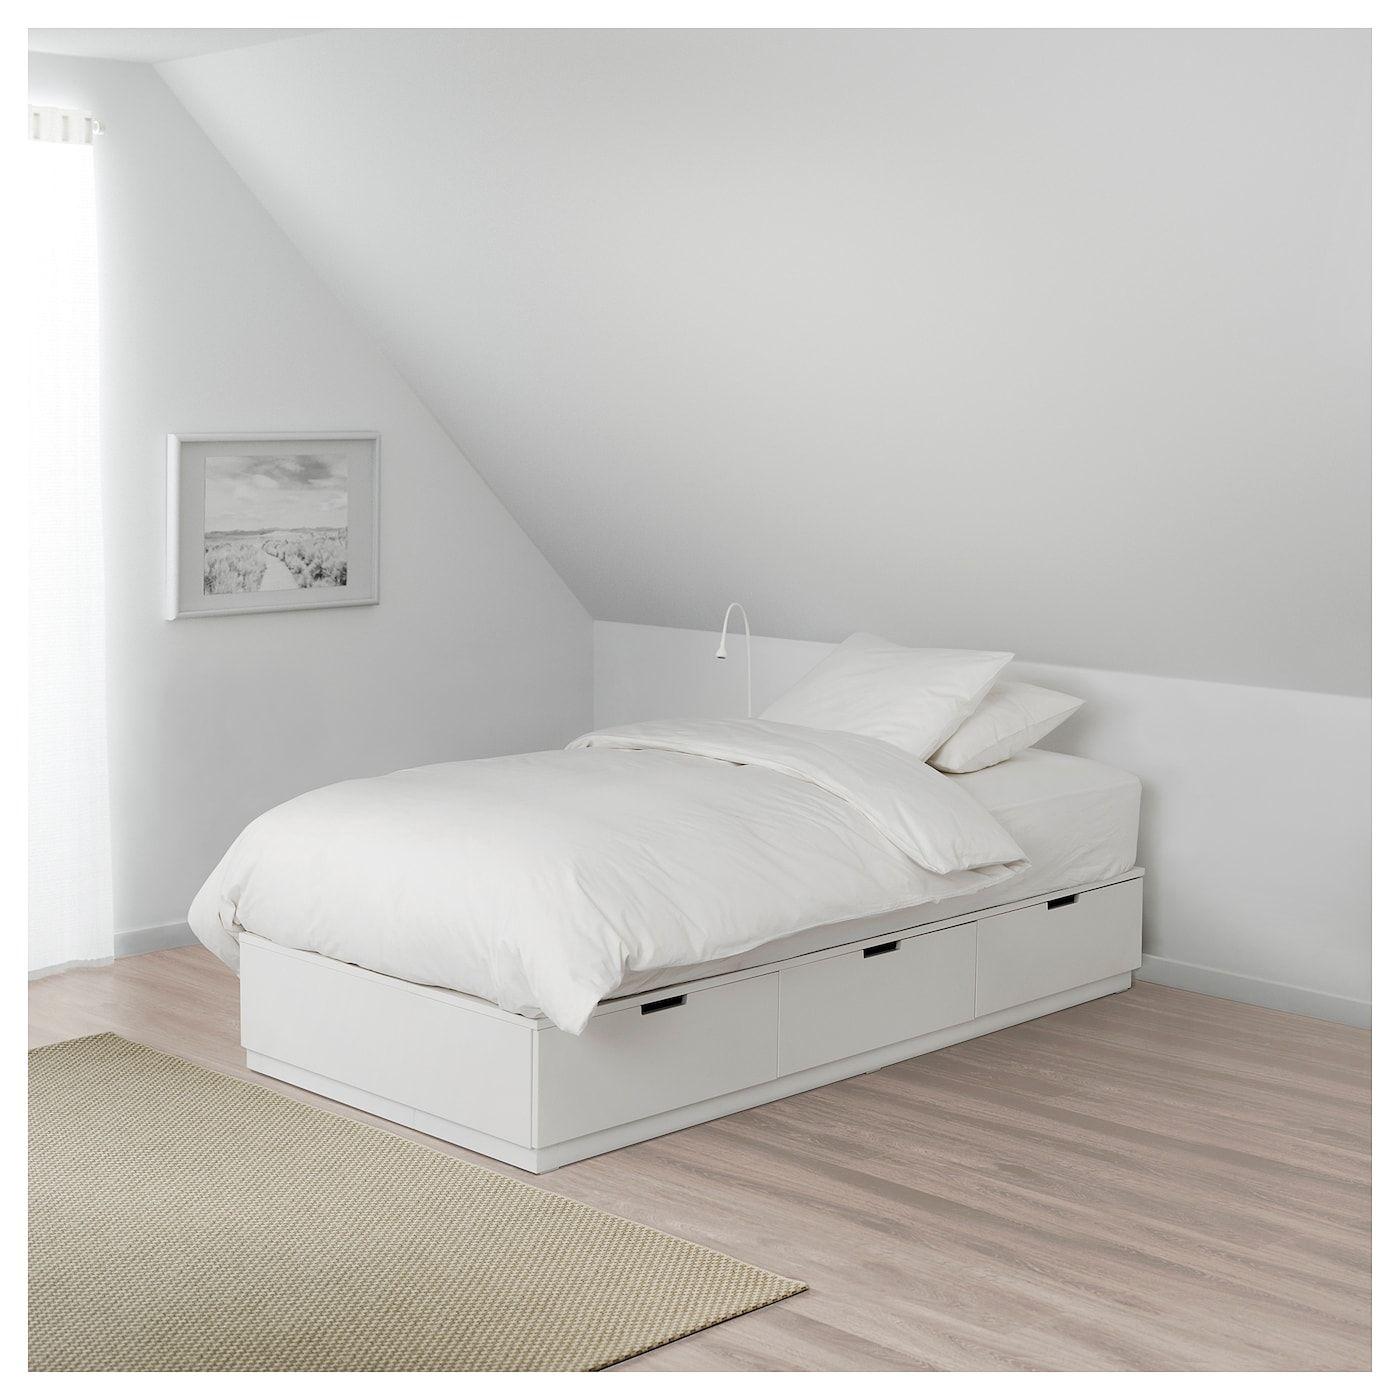 Nordli Sengestel Med Opbevaring Hvid 90x200 Cm Diy Bed Frame Ikea Ideer Sengeramme